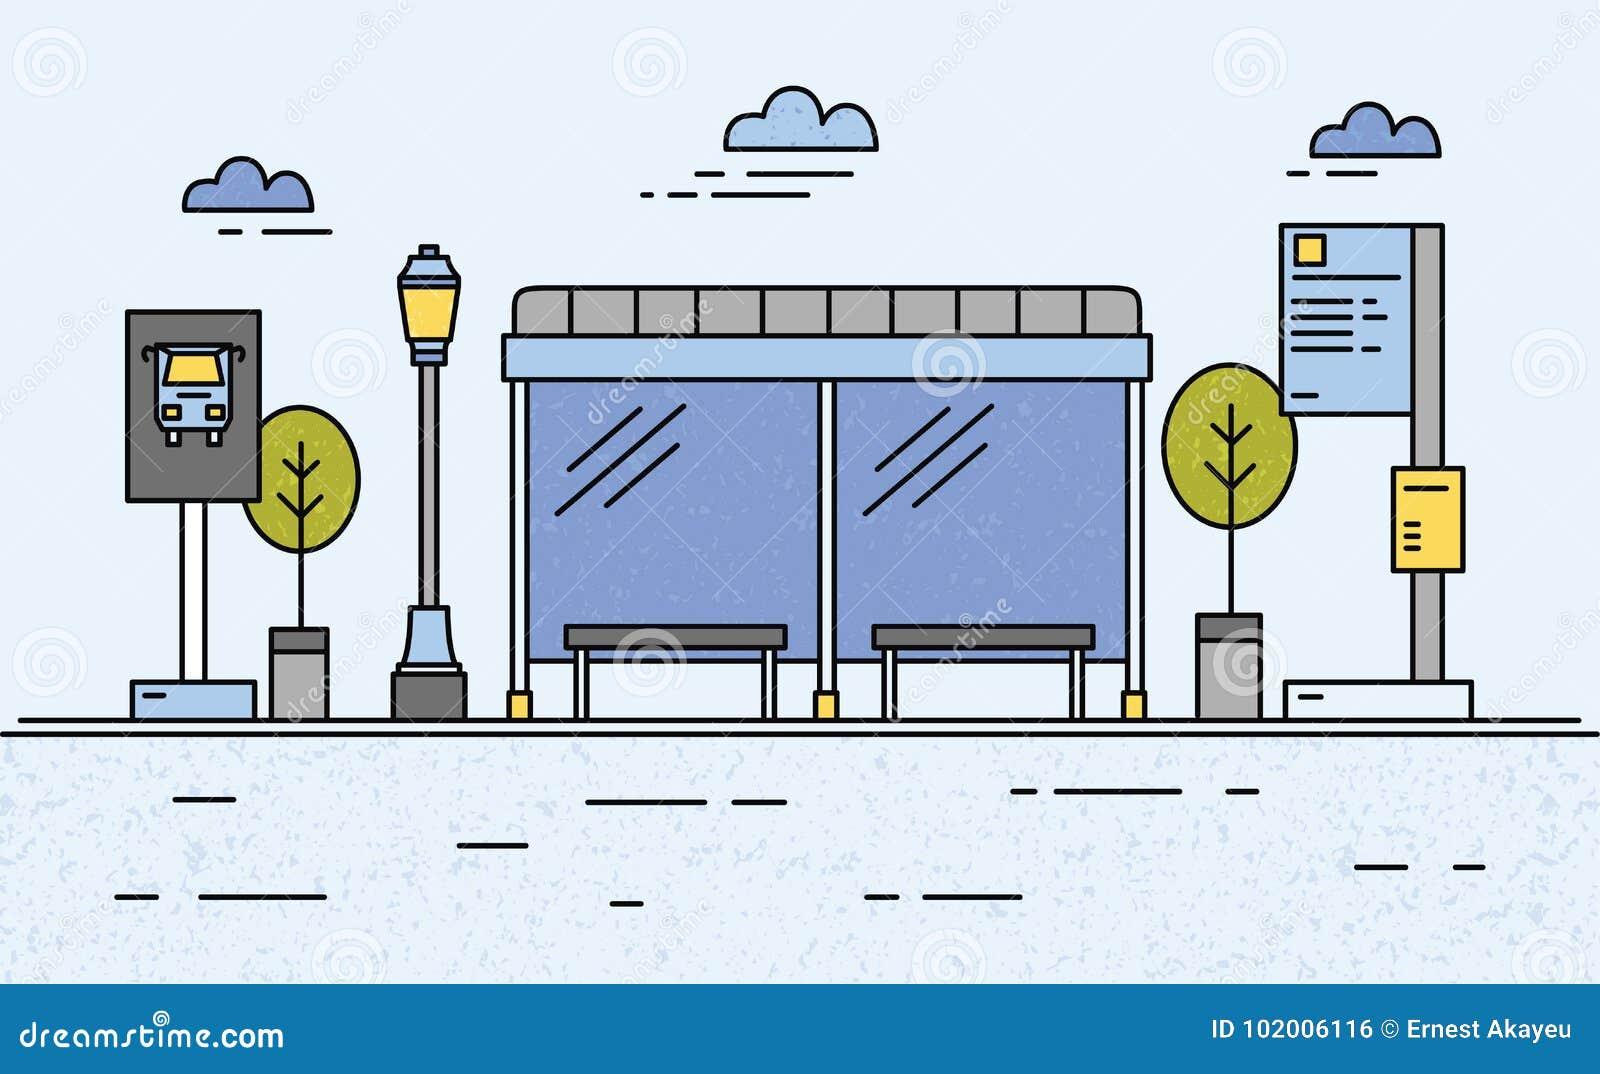 Автобусная остановка, уличный свет, расписание общественного транспорта и информация для пассажиров